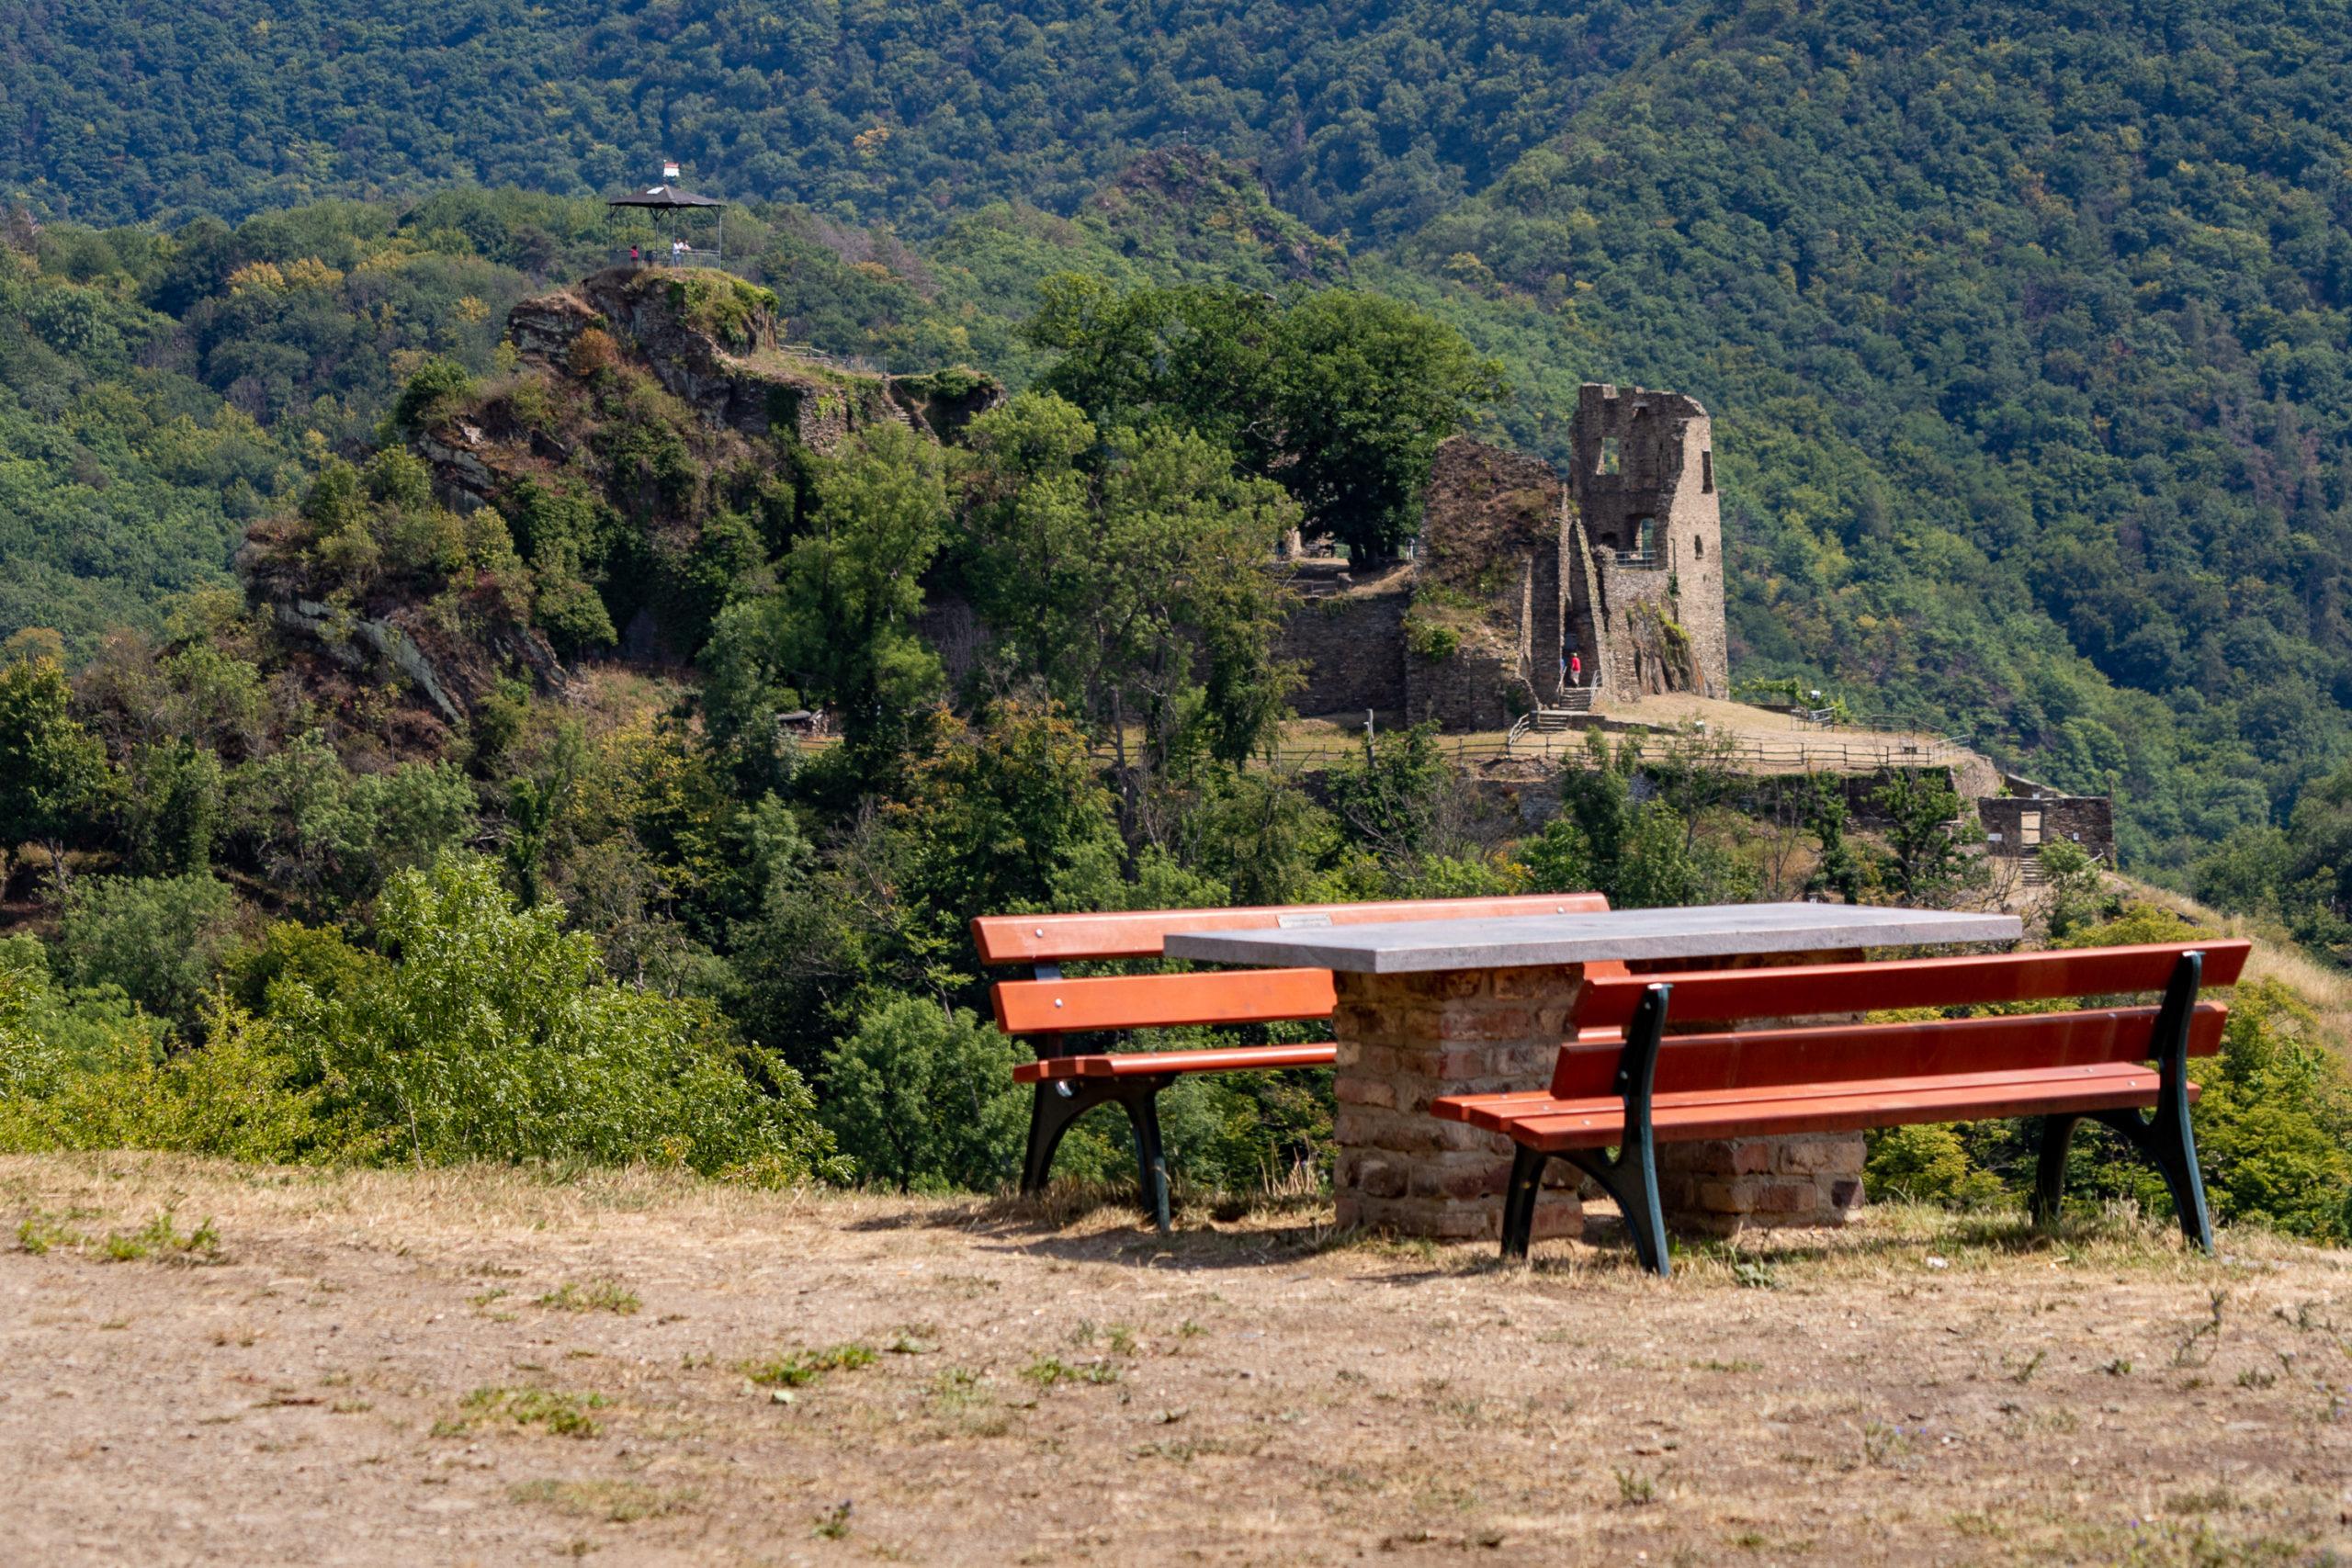 Im Vordergrund ein gemauerter Tisch und zwei Bänke als Sitzgruppe, im Hintergrund, von einem Tal getrennt, eine Burgruine. Rundherum viel Baumgrün.